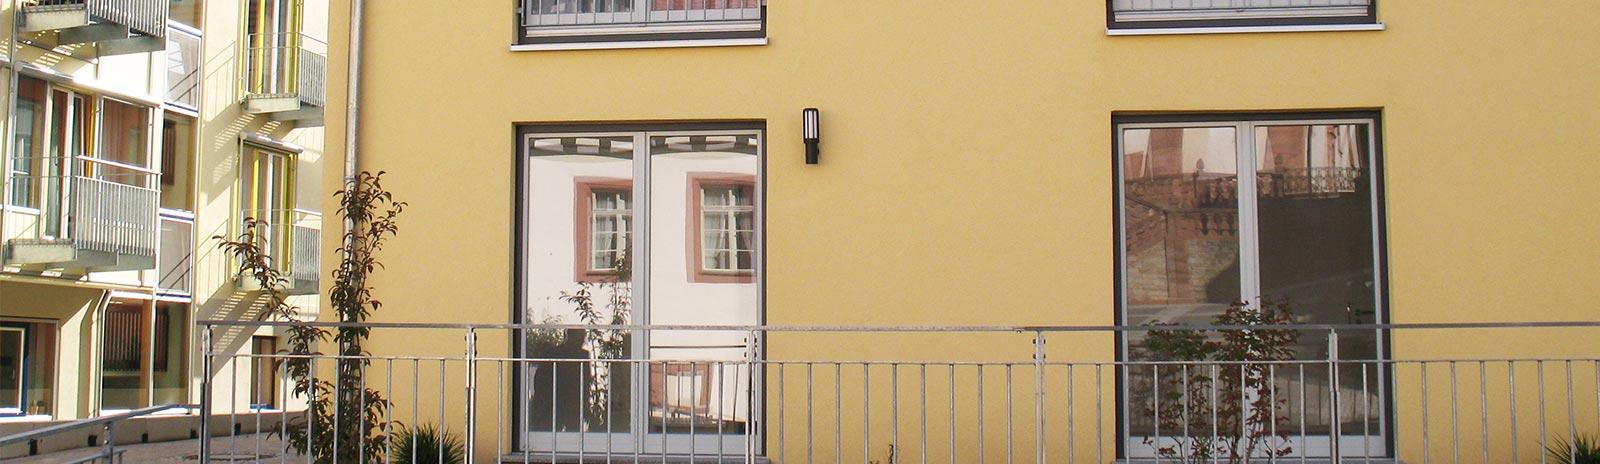 st_martin_königheim_web_9